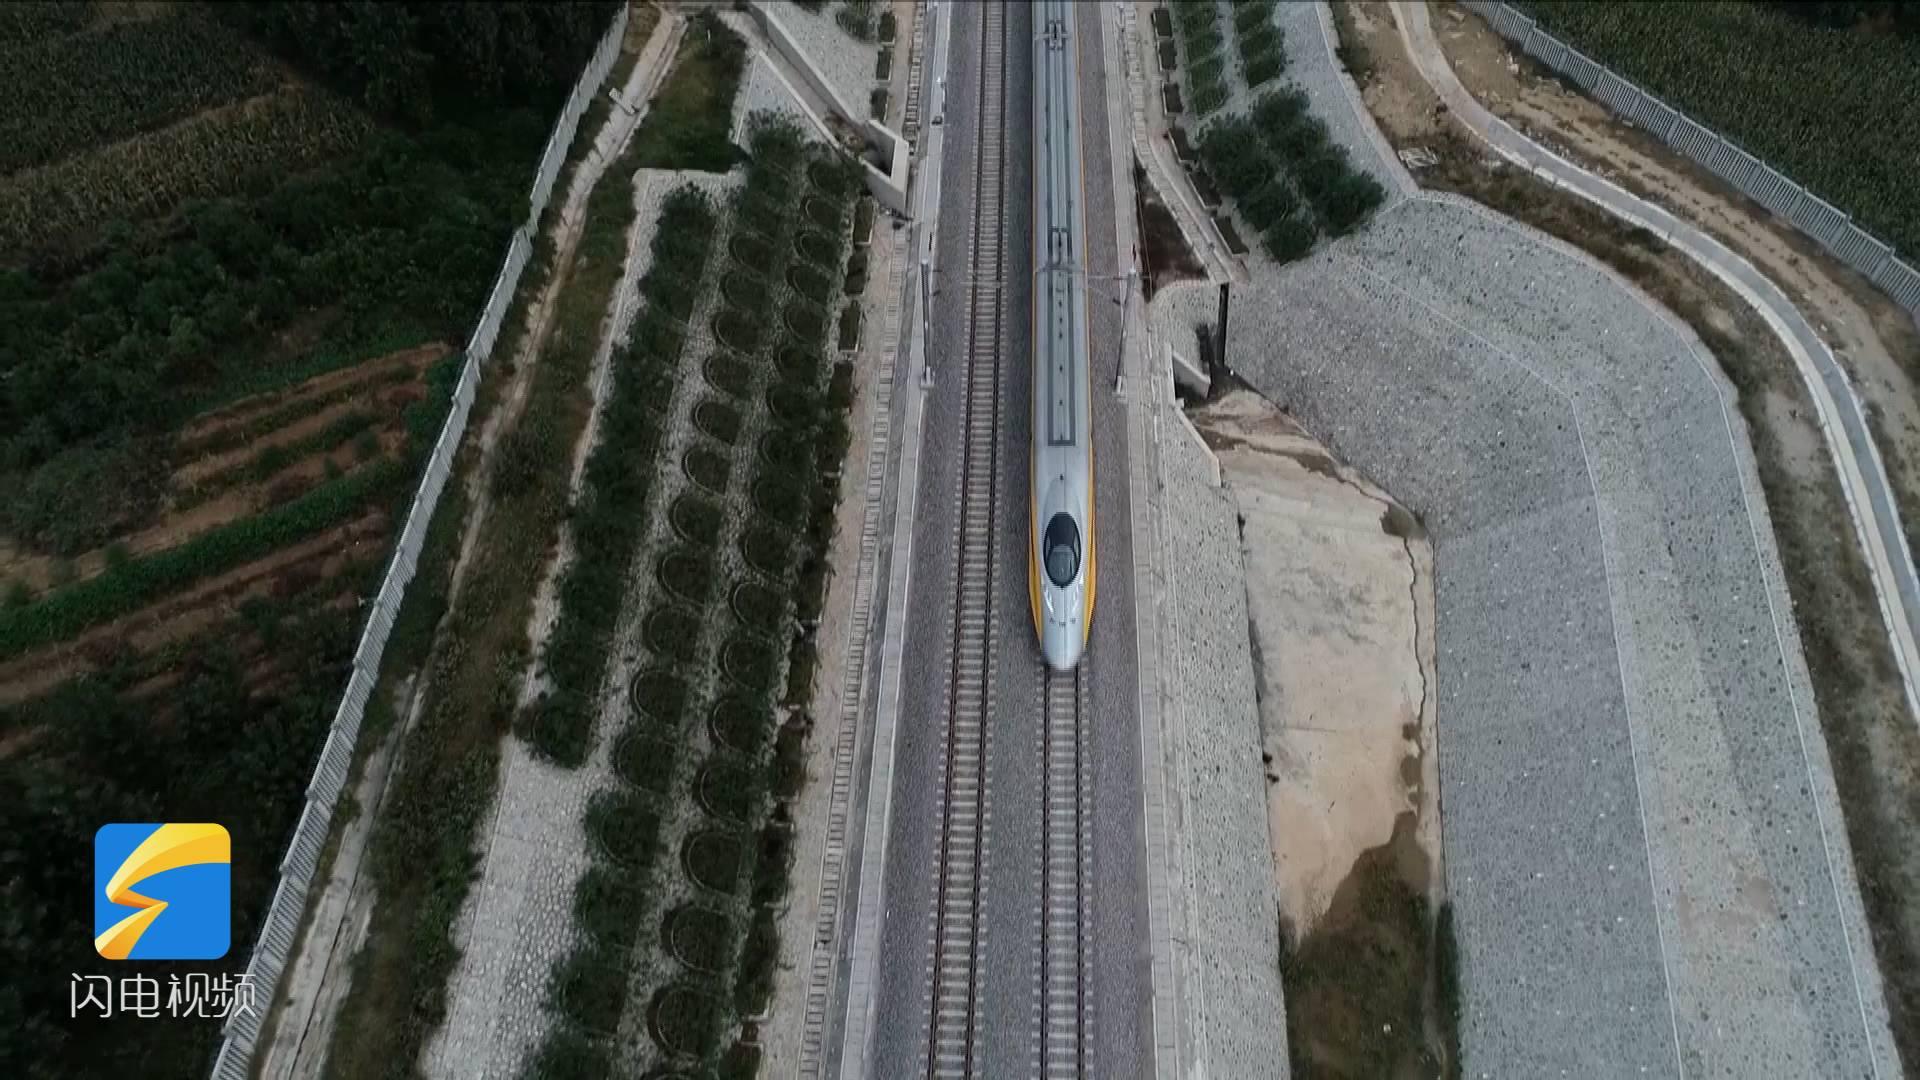 牢记嘱托 担当作为抓落实丨山东补齐重大基础设施短板 加快建设现代综合交通体系